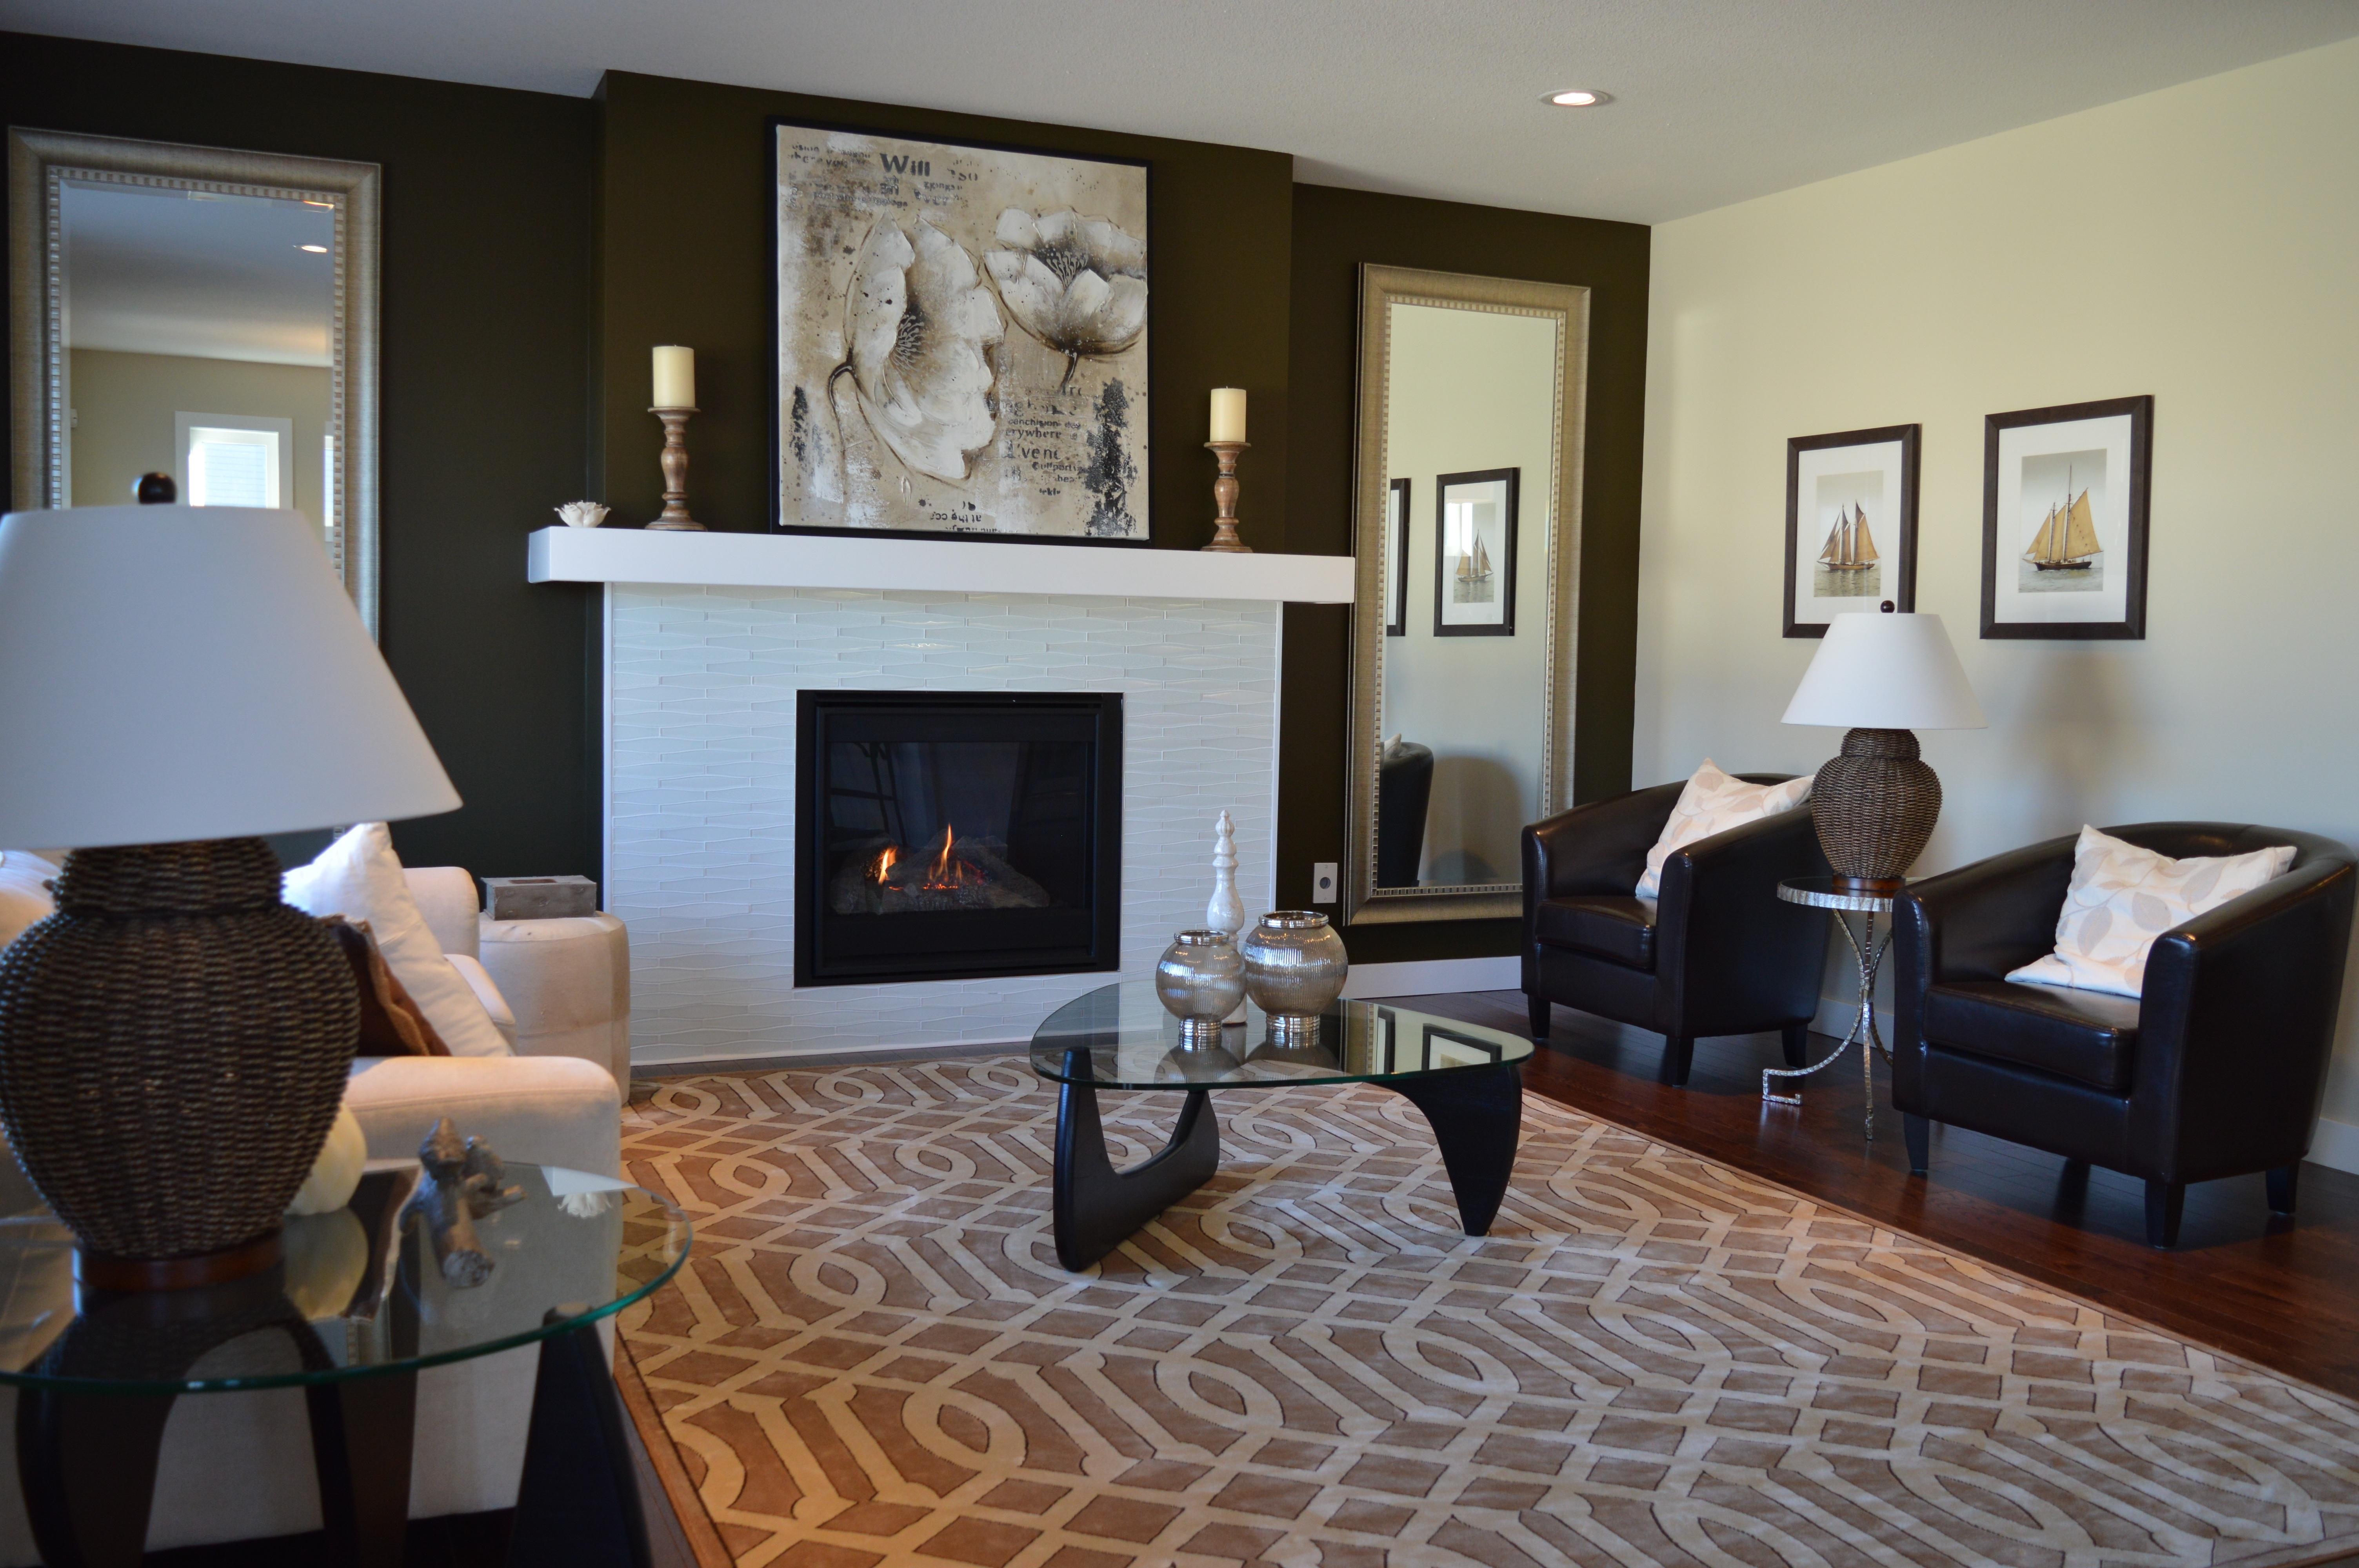 Immagini belle tavolo casa pavimento interno cottage for Disegni casa cottage